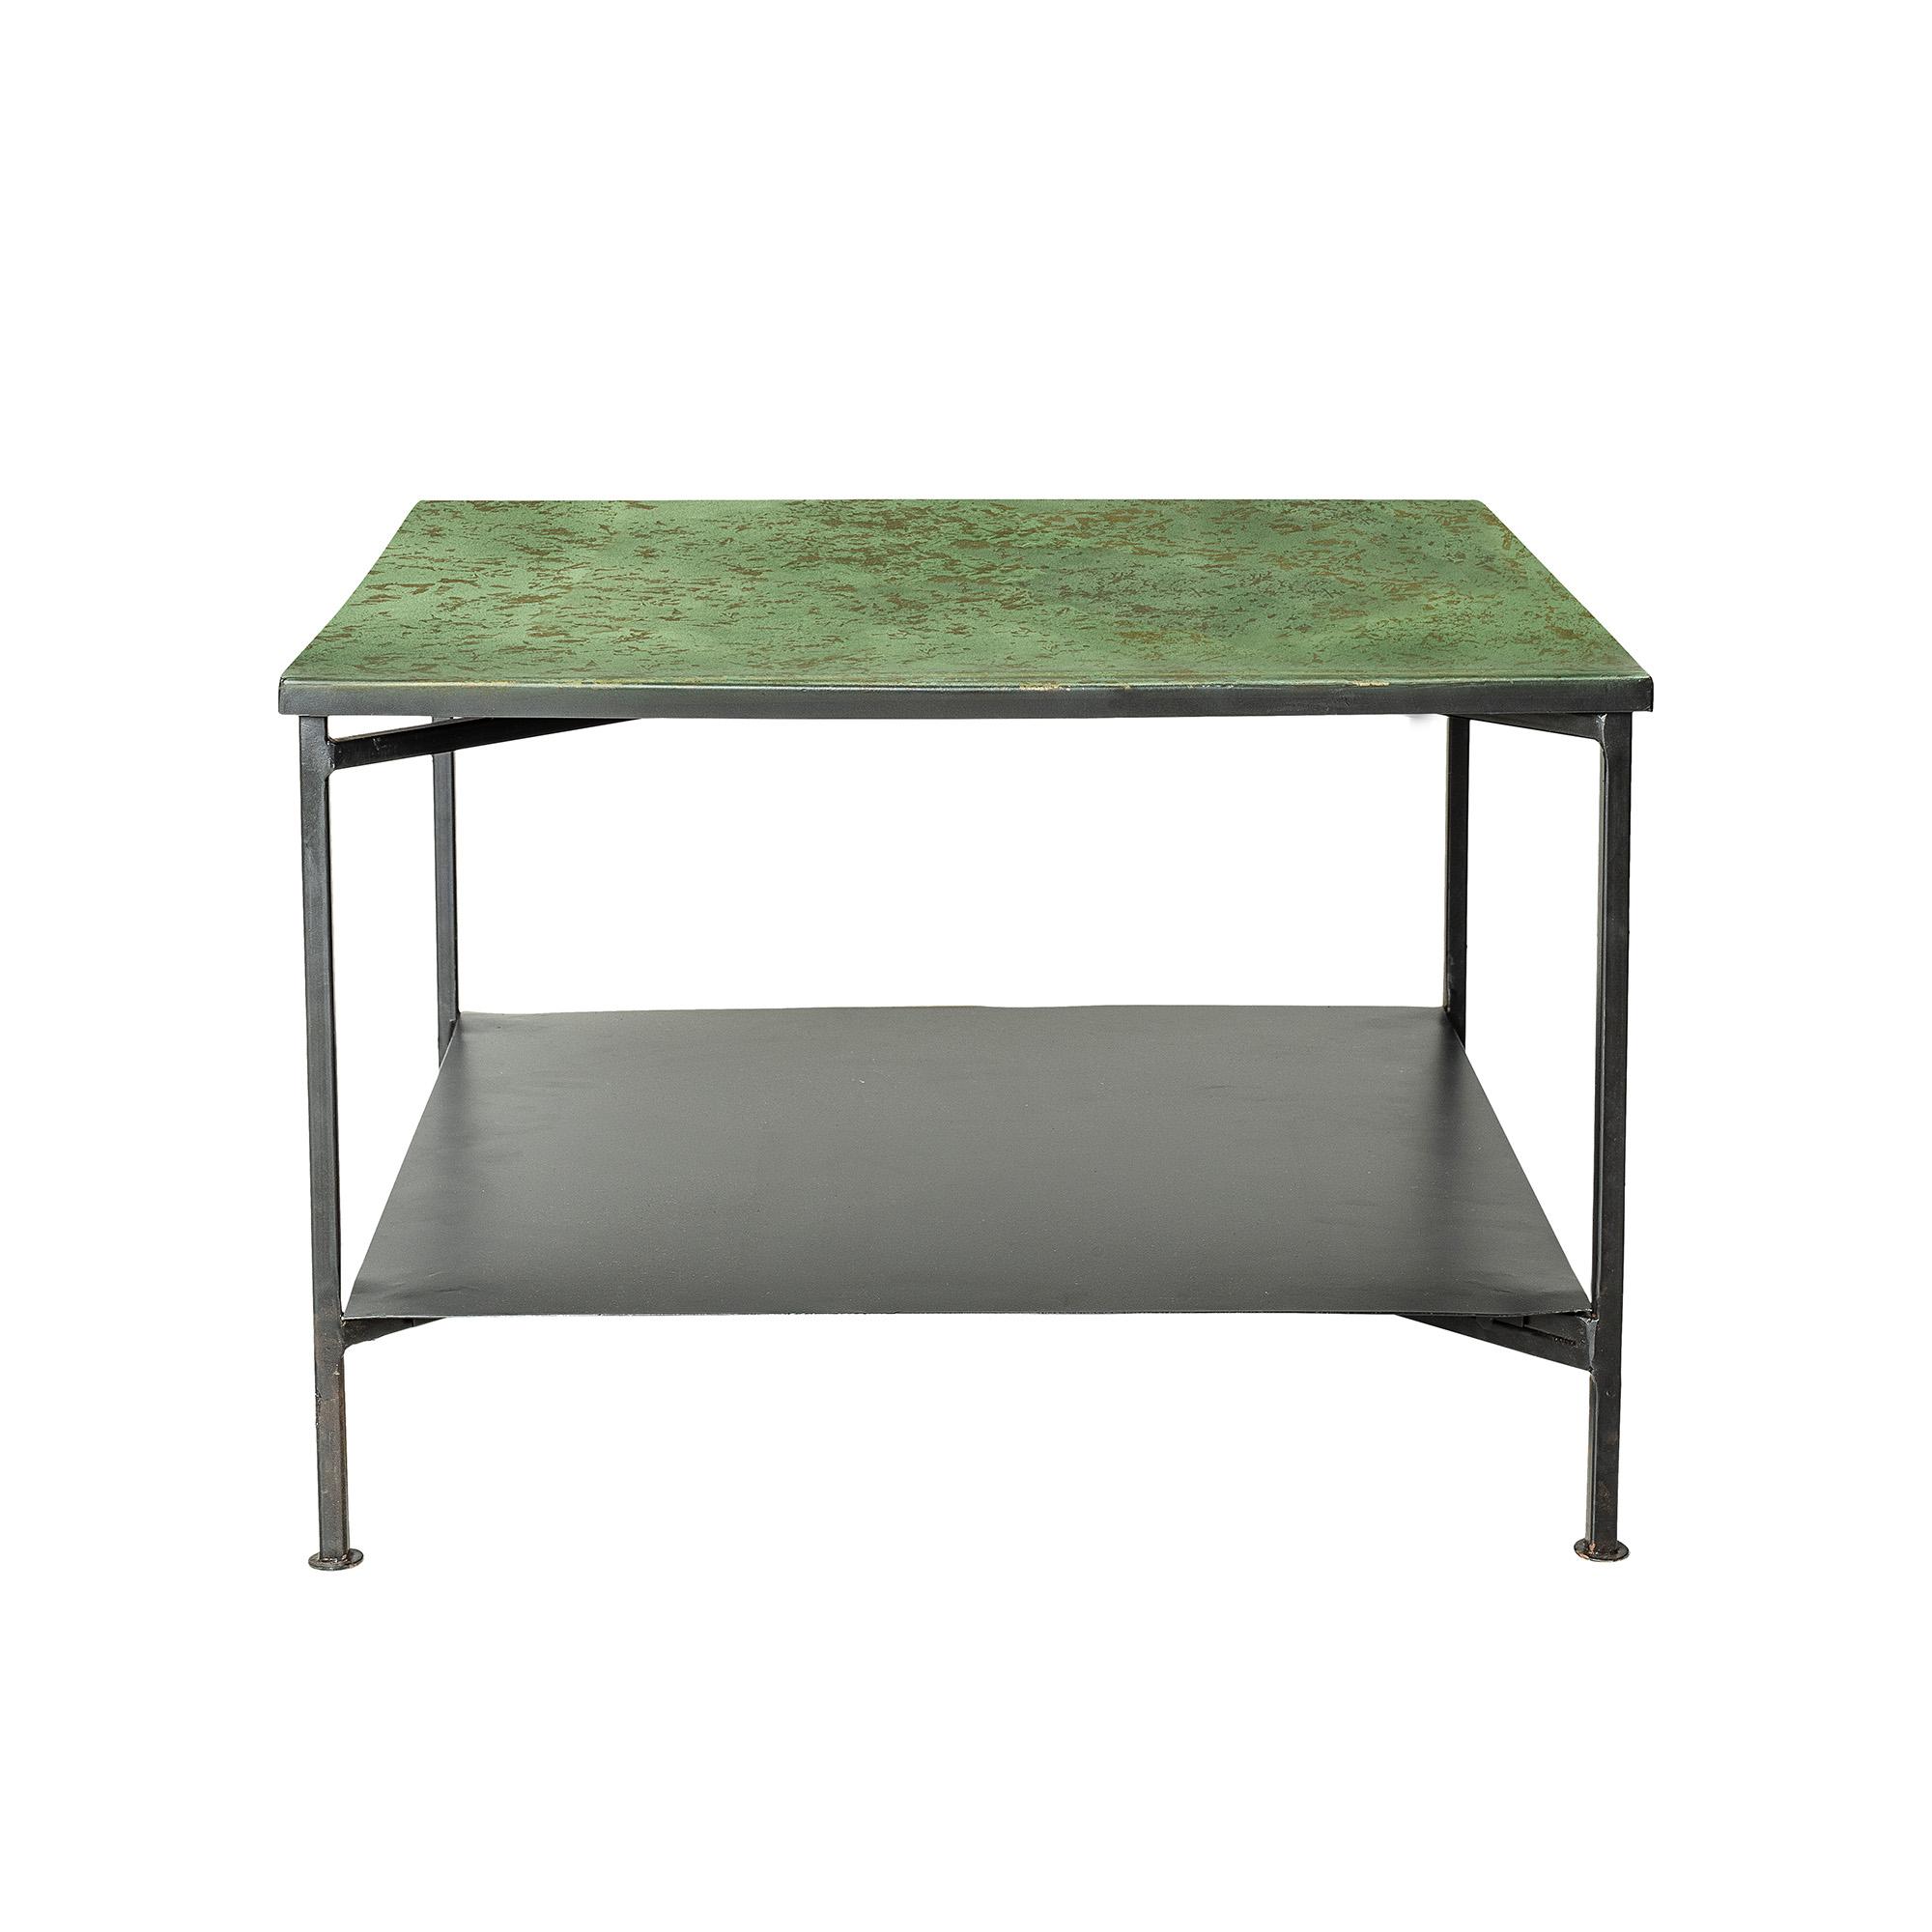 Table basse Eliot métal vert